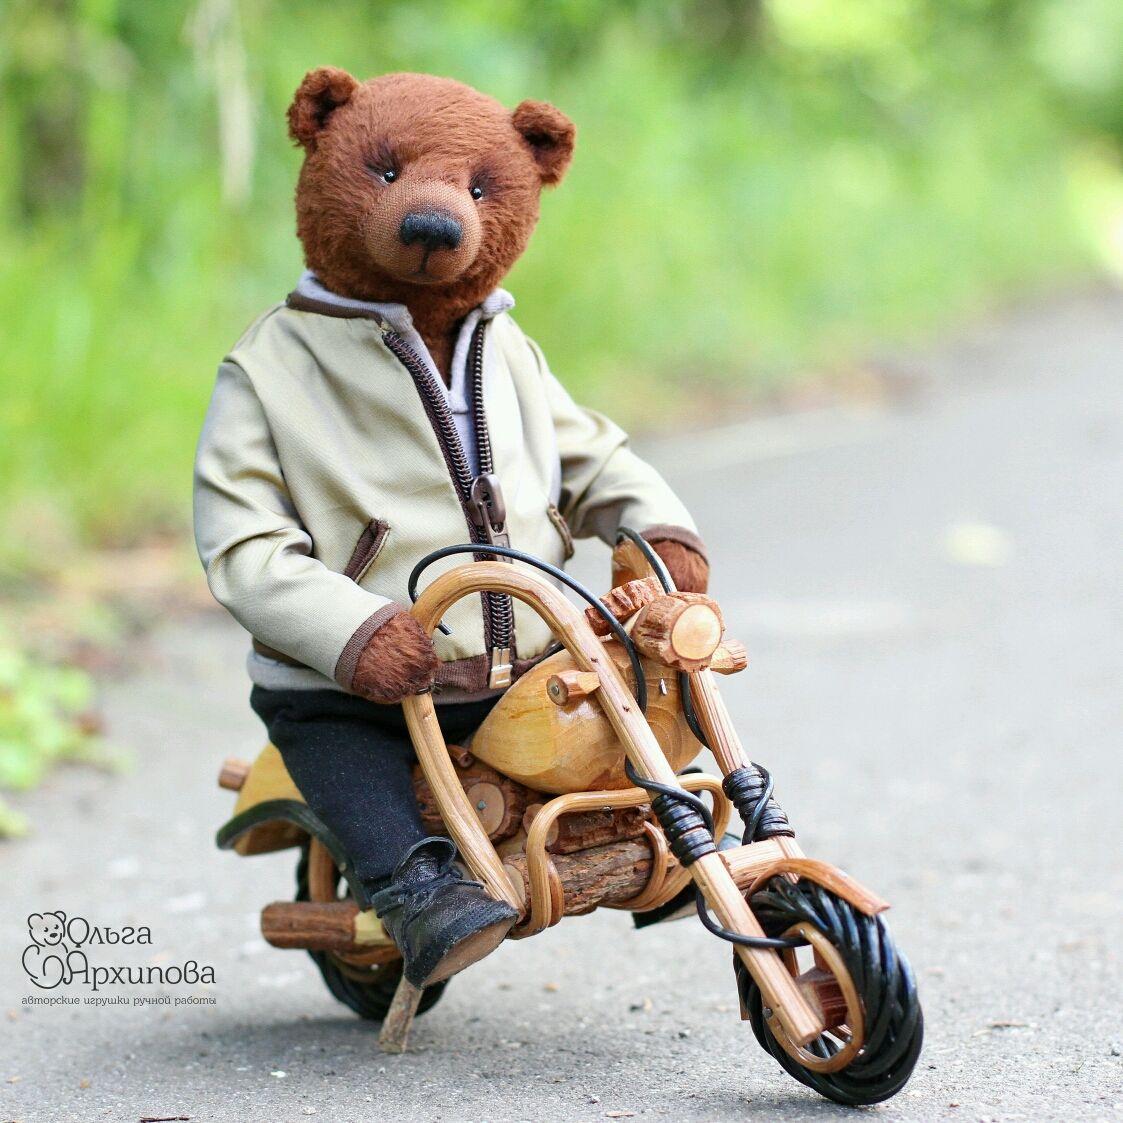 Медведь мотоциклист (мишка тедди в одежде и обуви на мотоцикле), Мишки Тедди, Москва, Фото №1